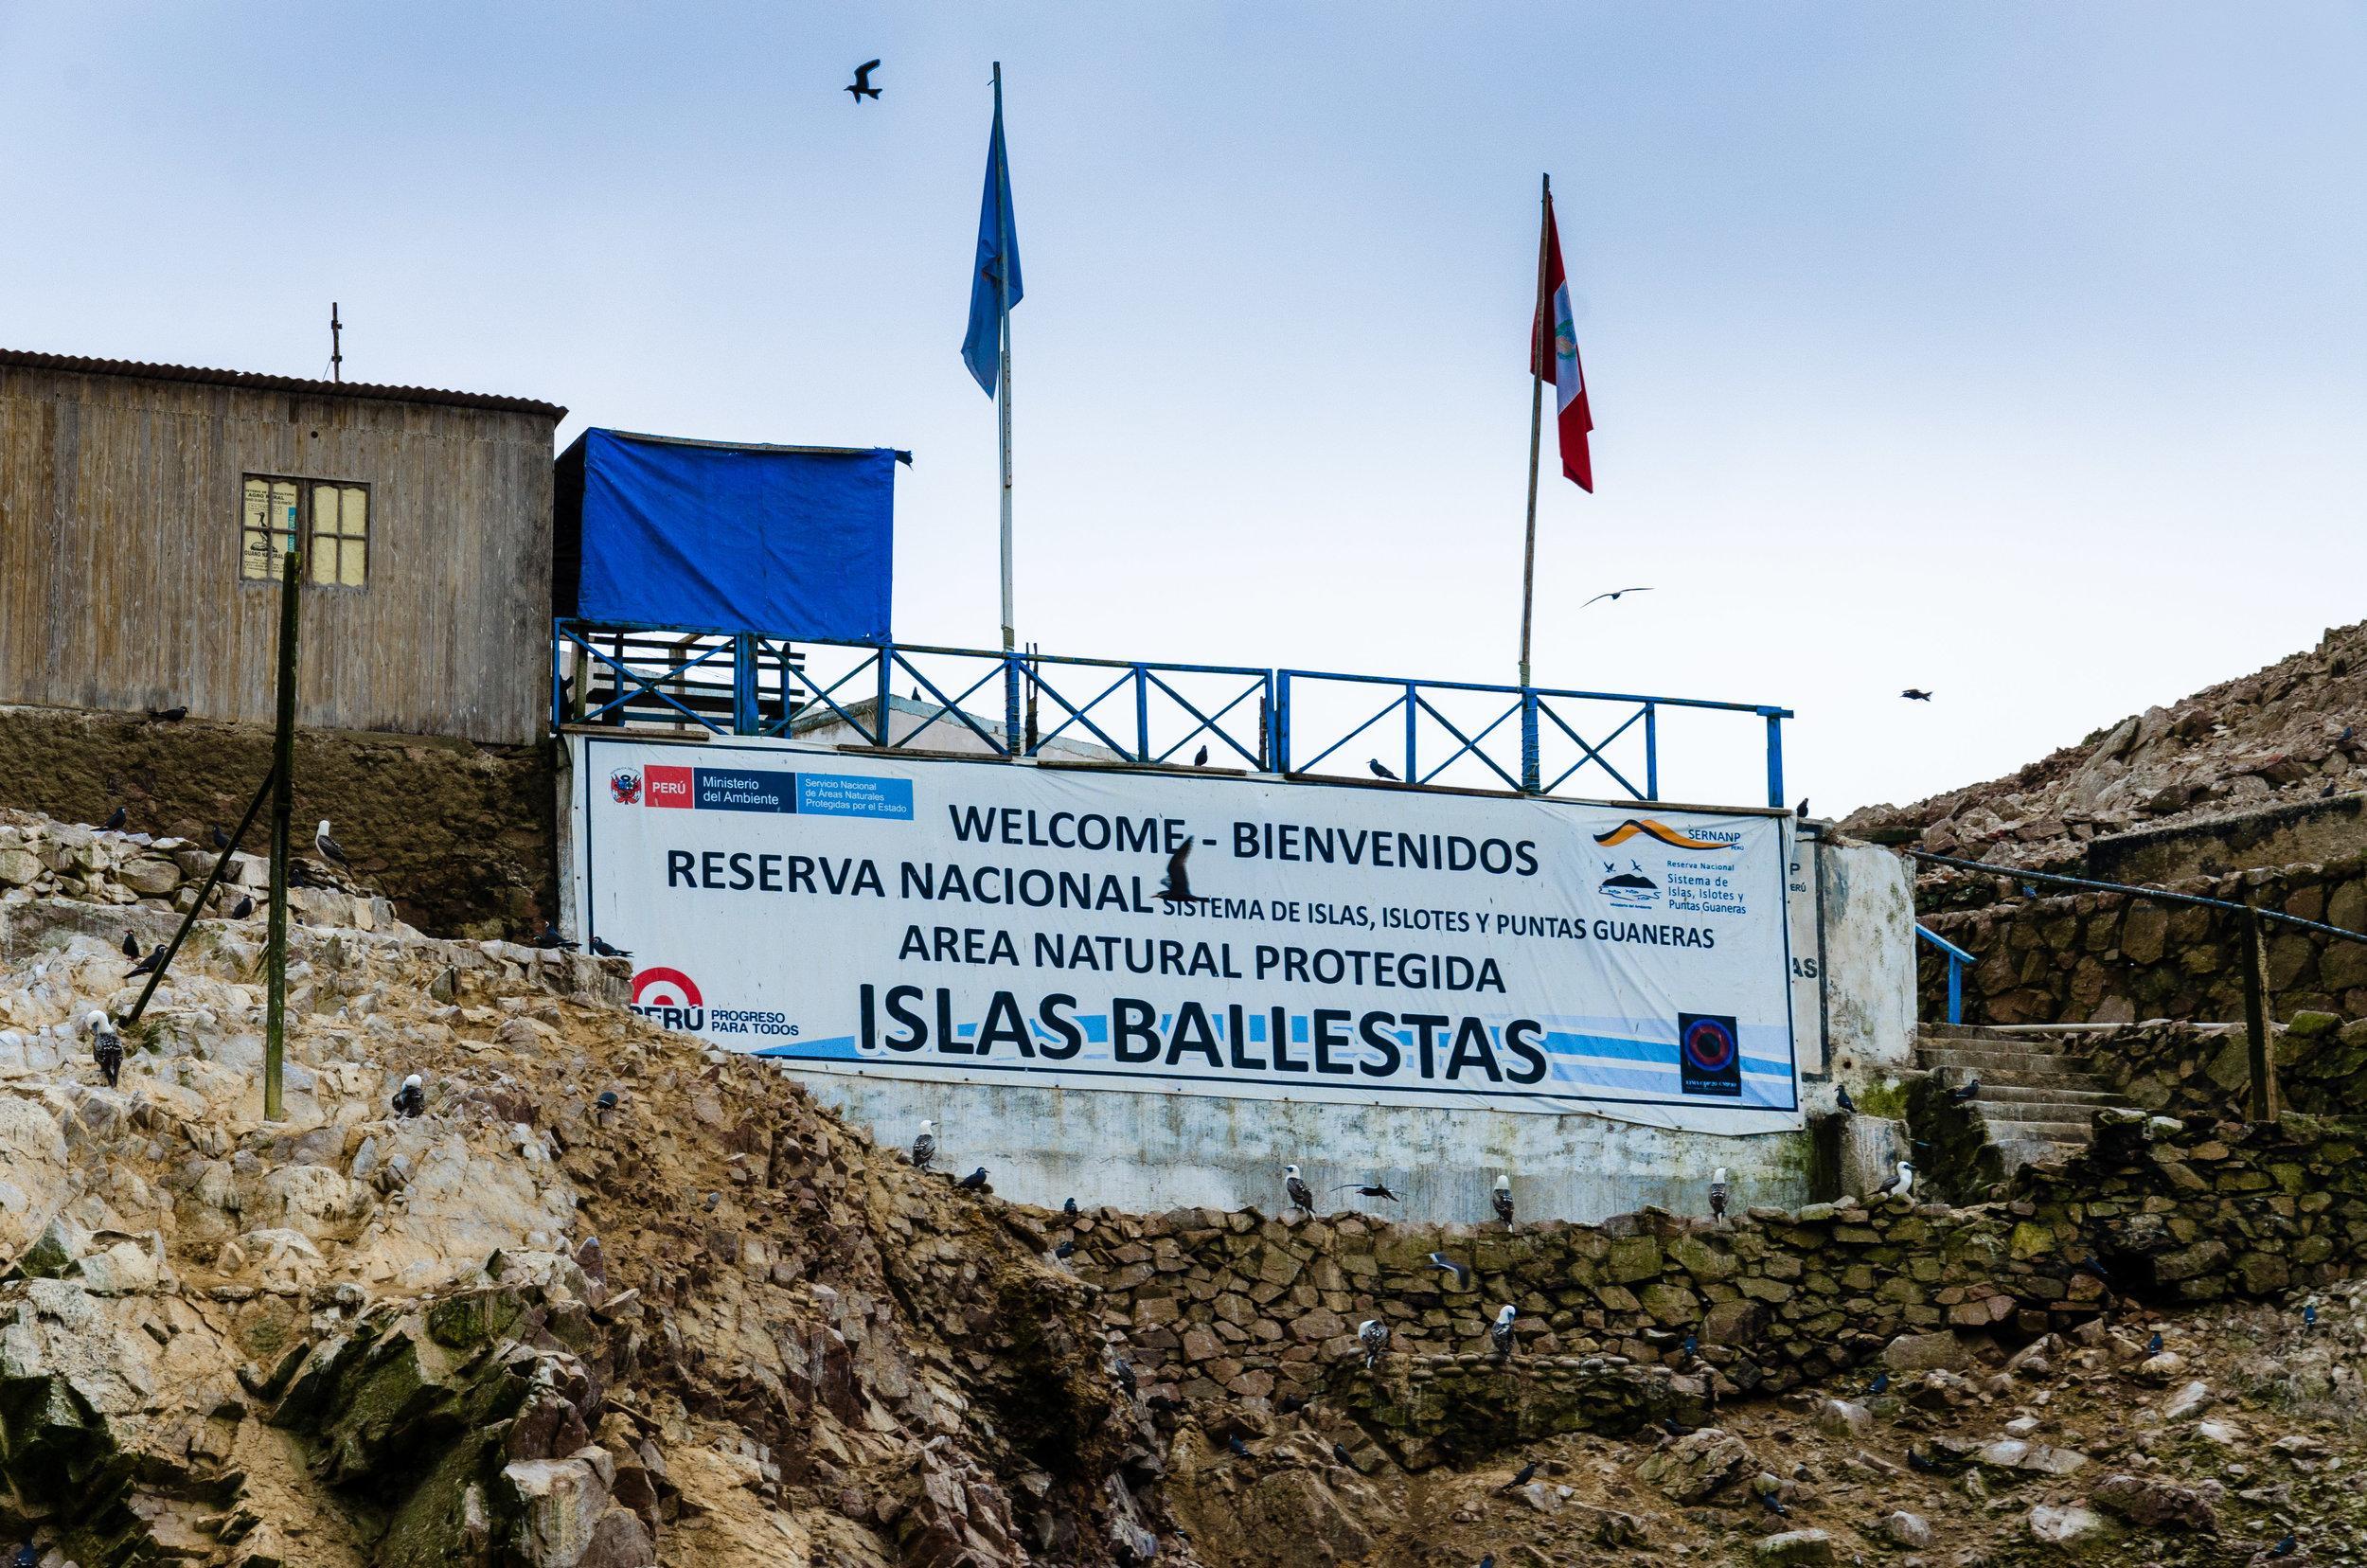 Islas Ballestas Sign Digital Photograph © 2015 SuZan Alexander